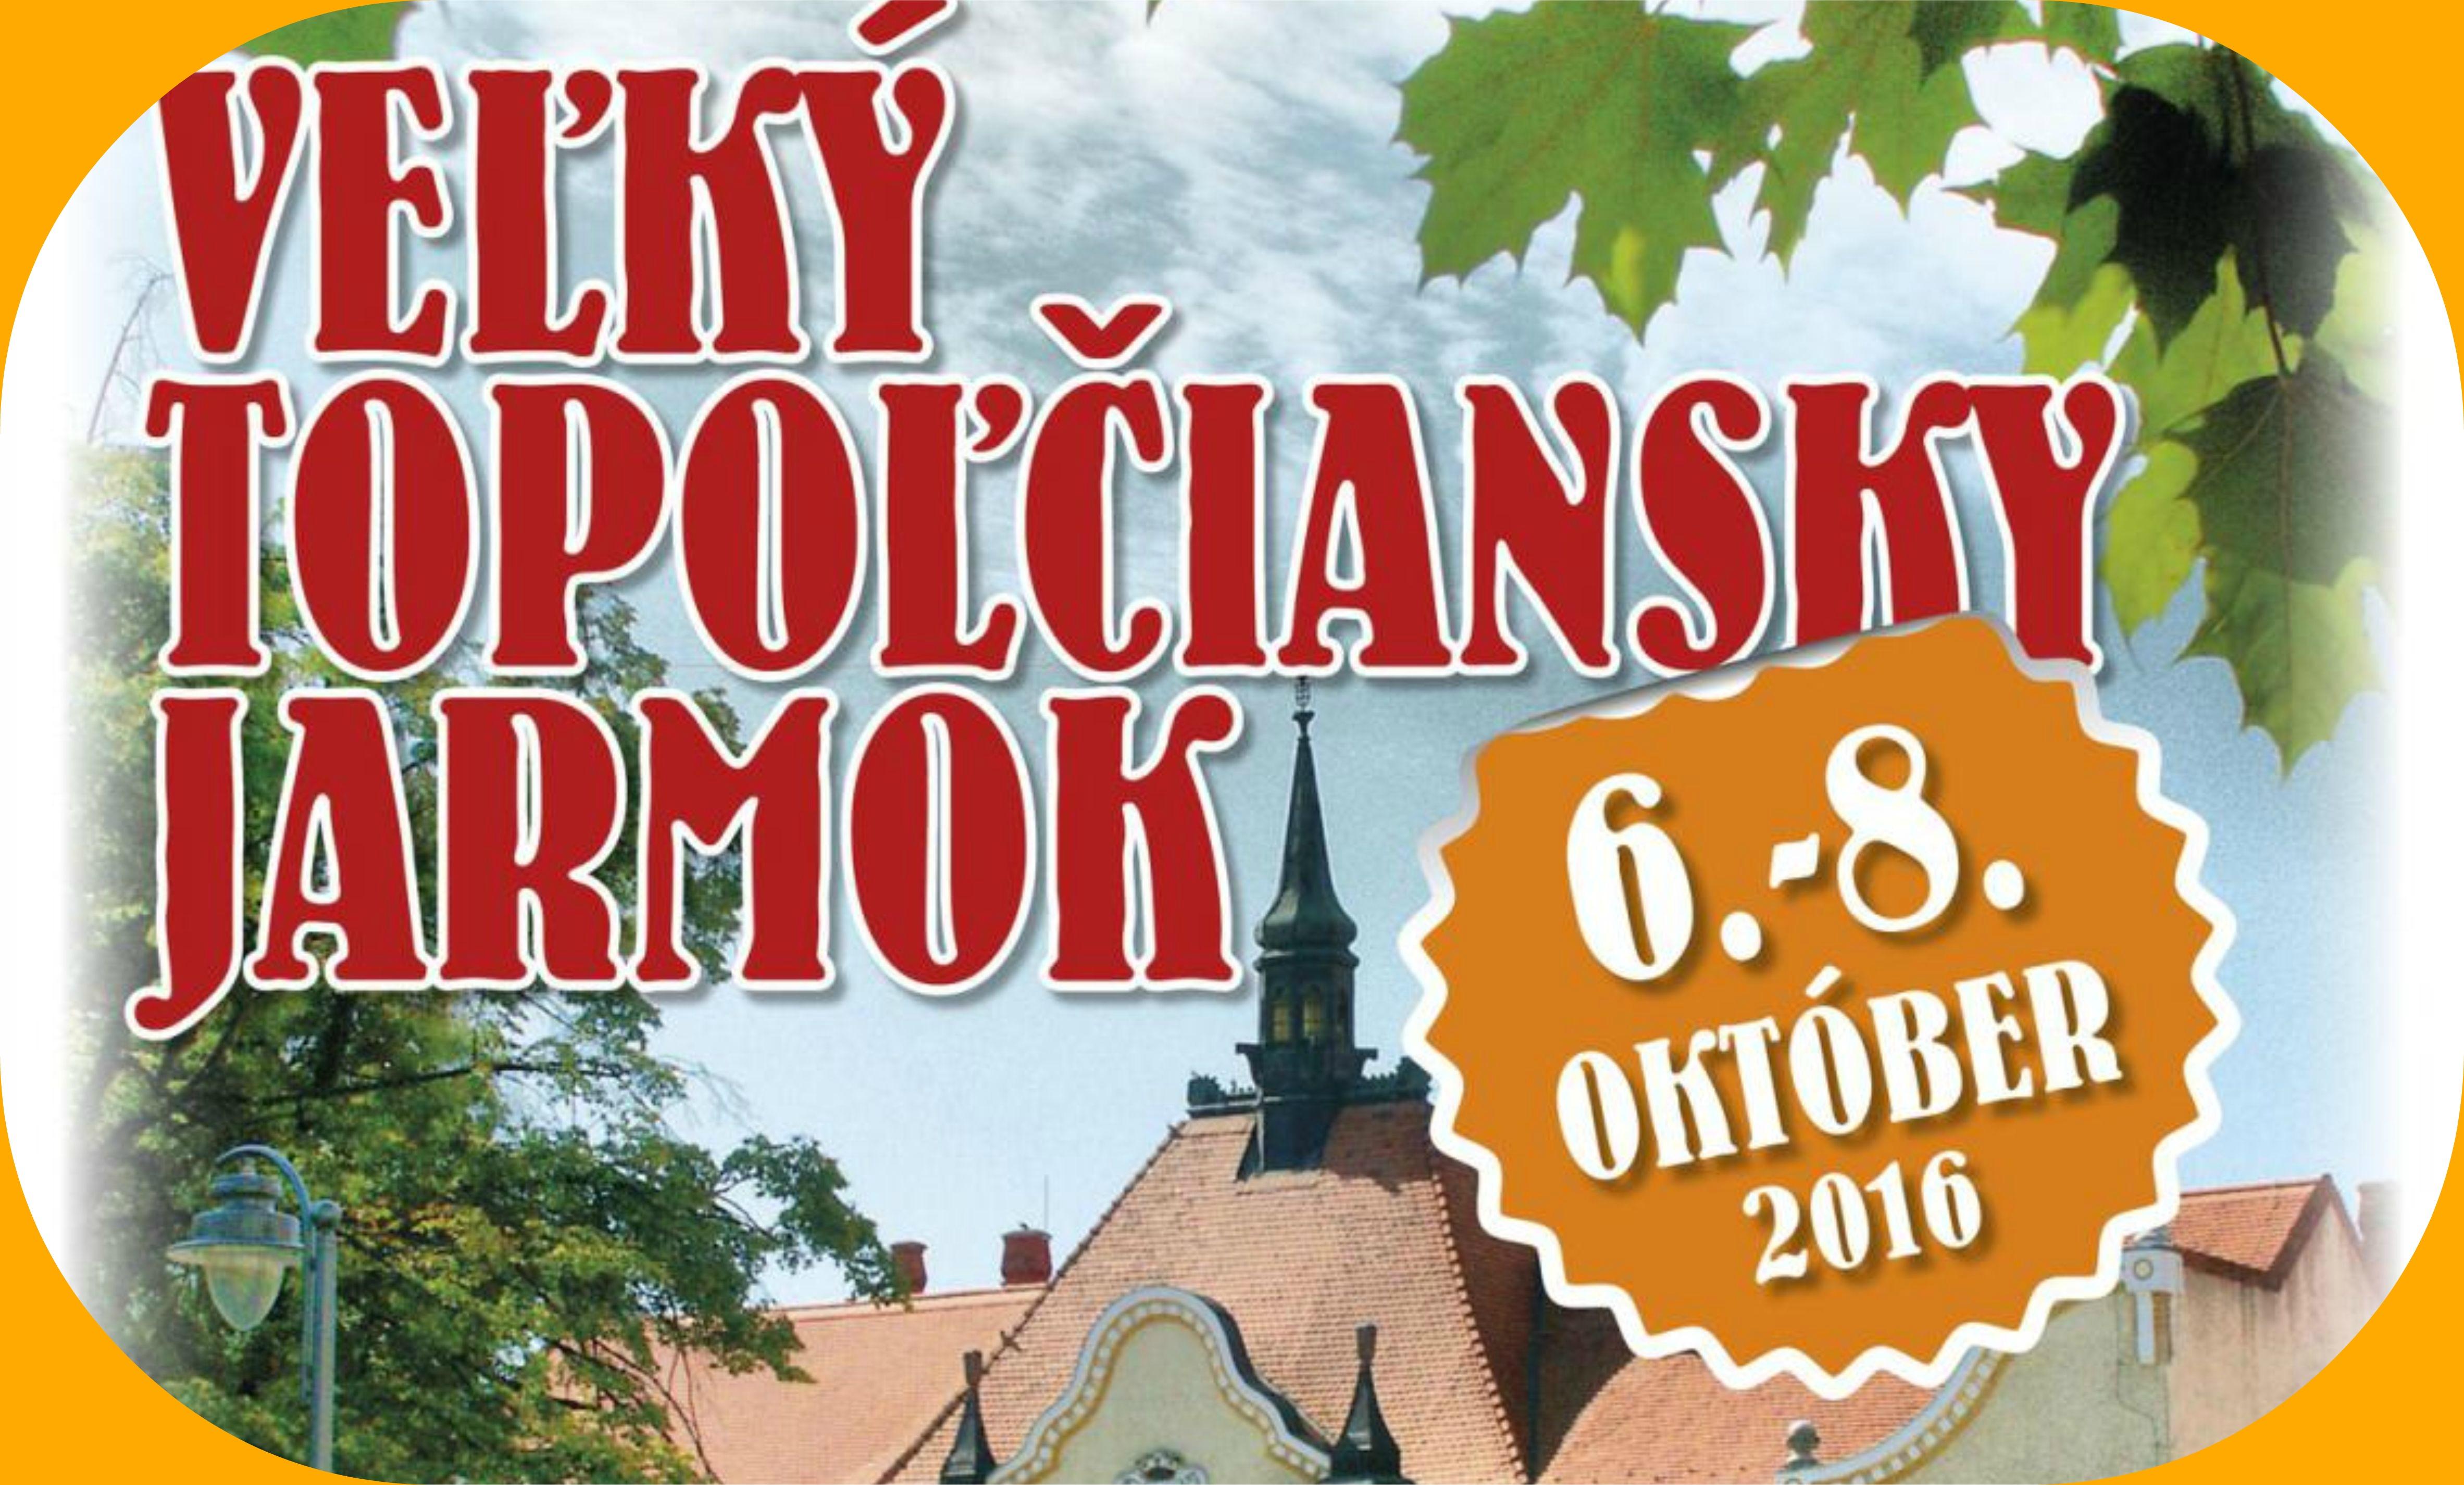 283d7b3f8 Veľký Topoľčiansky jarmok - Katalóg firiem | moje Topolcany